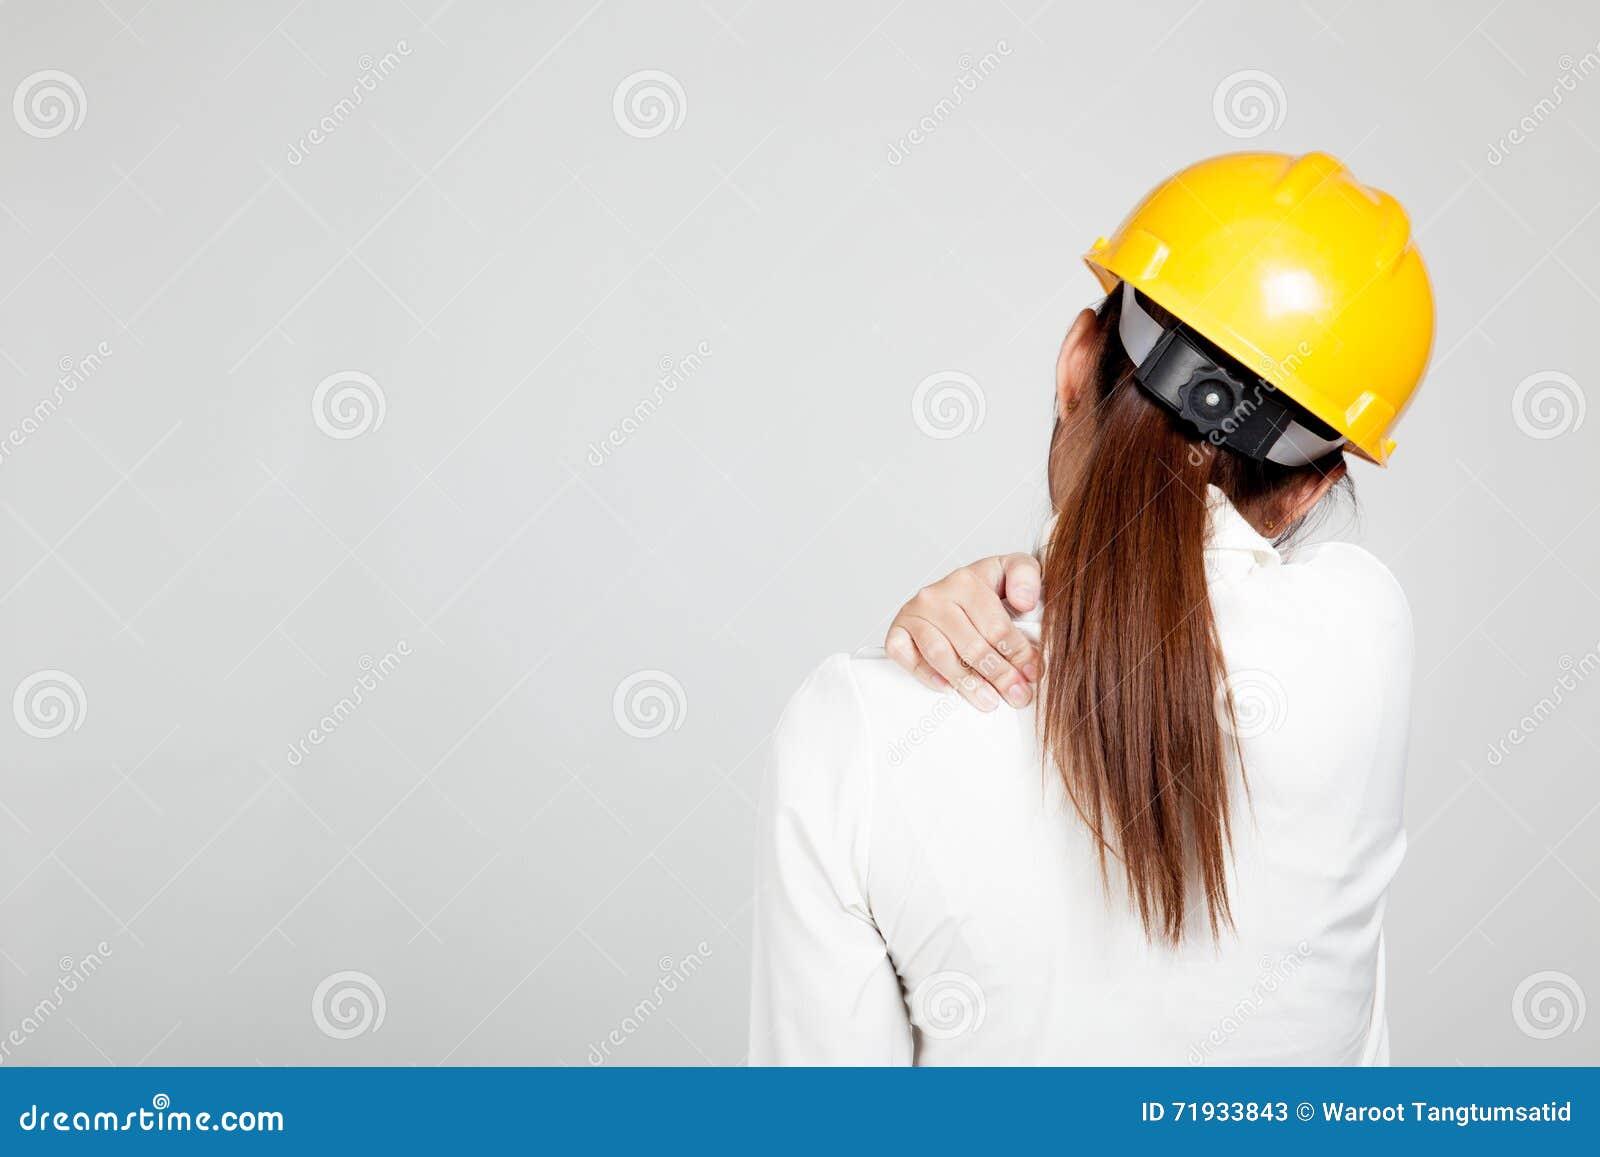 Назад азиатского инженера девушка с трудной шляпой получила боль в спине